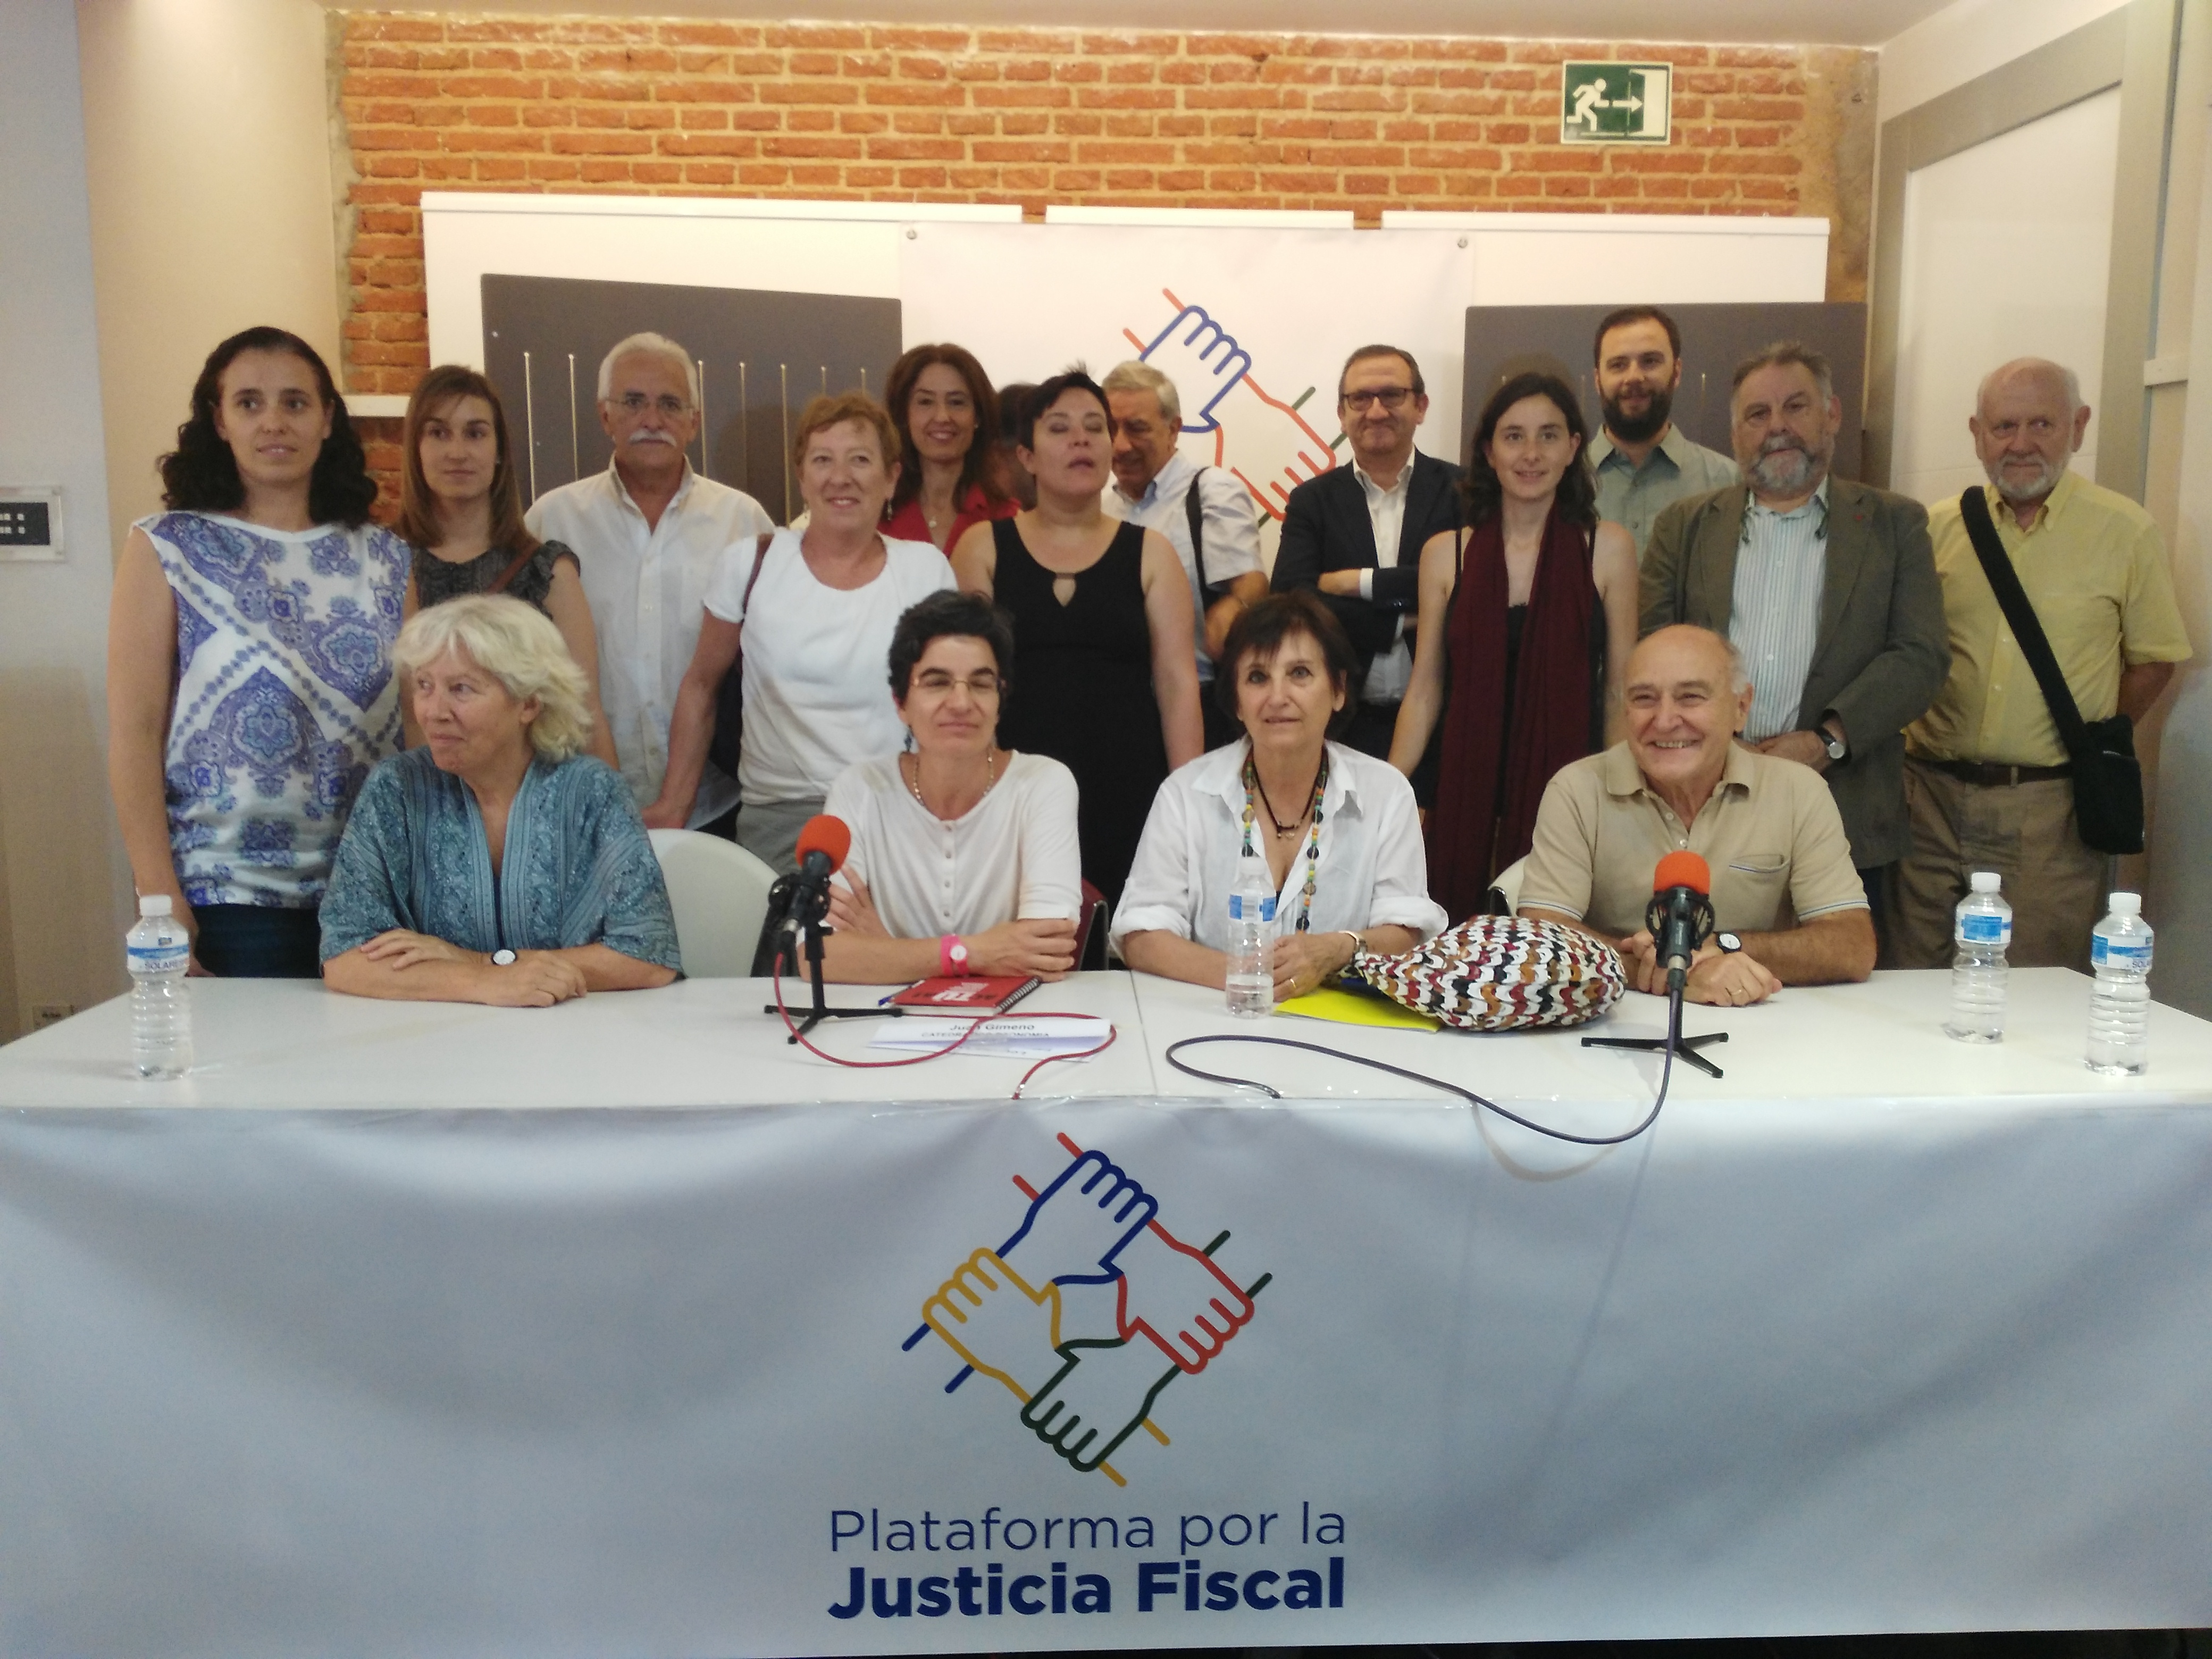 Foto de familia Plataforma por la Justicia Fiscal